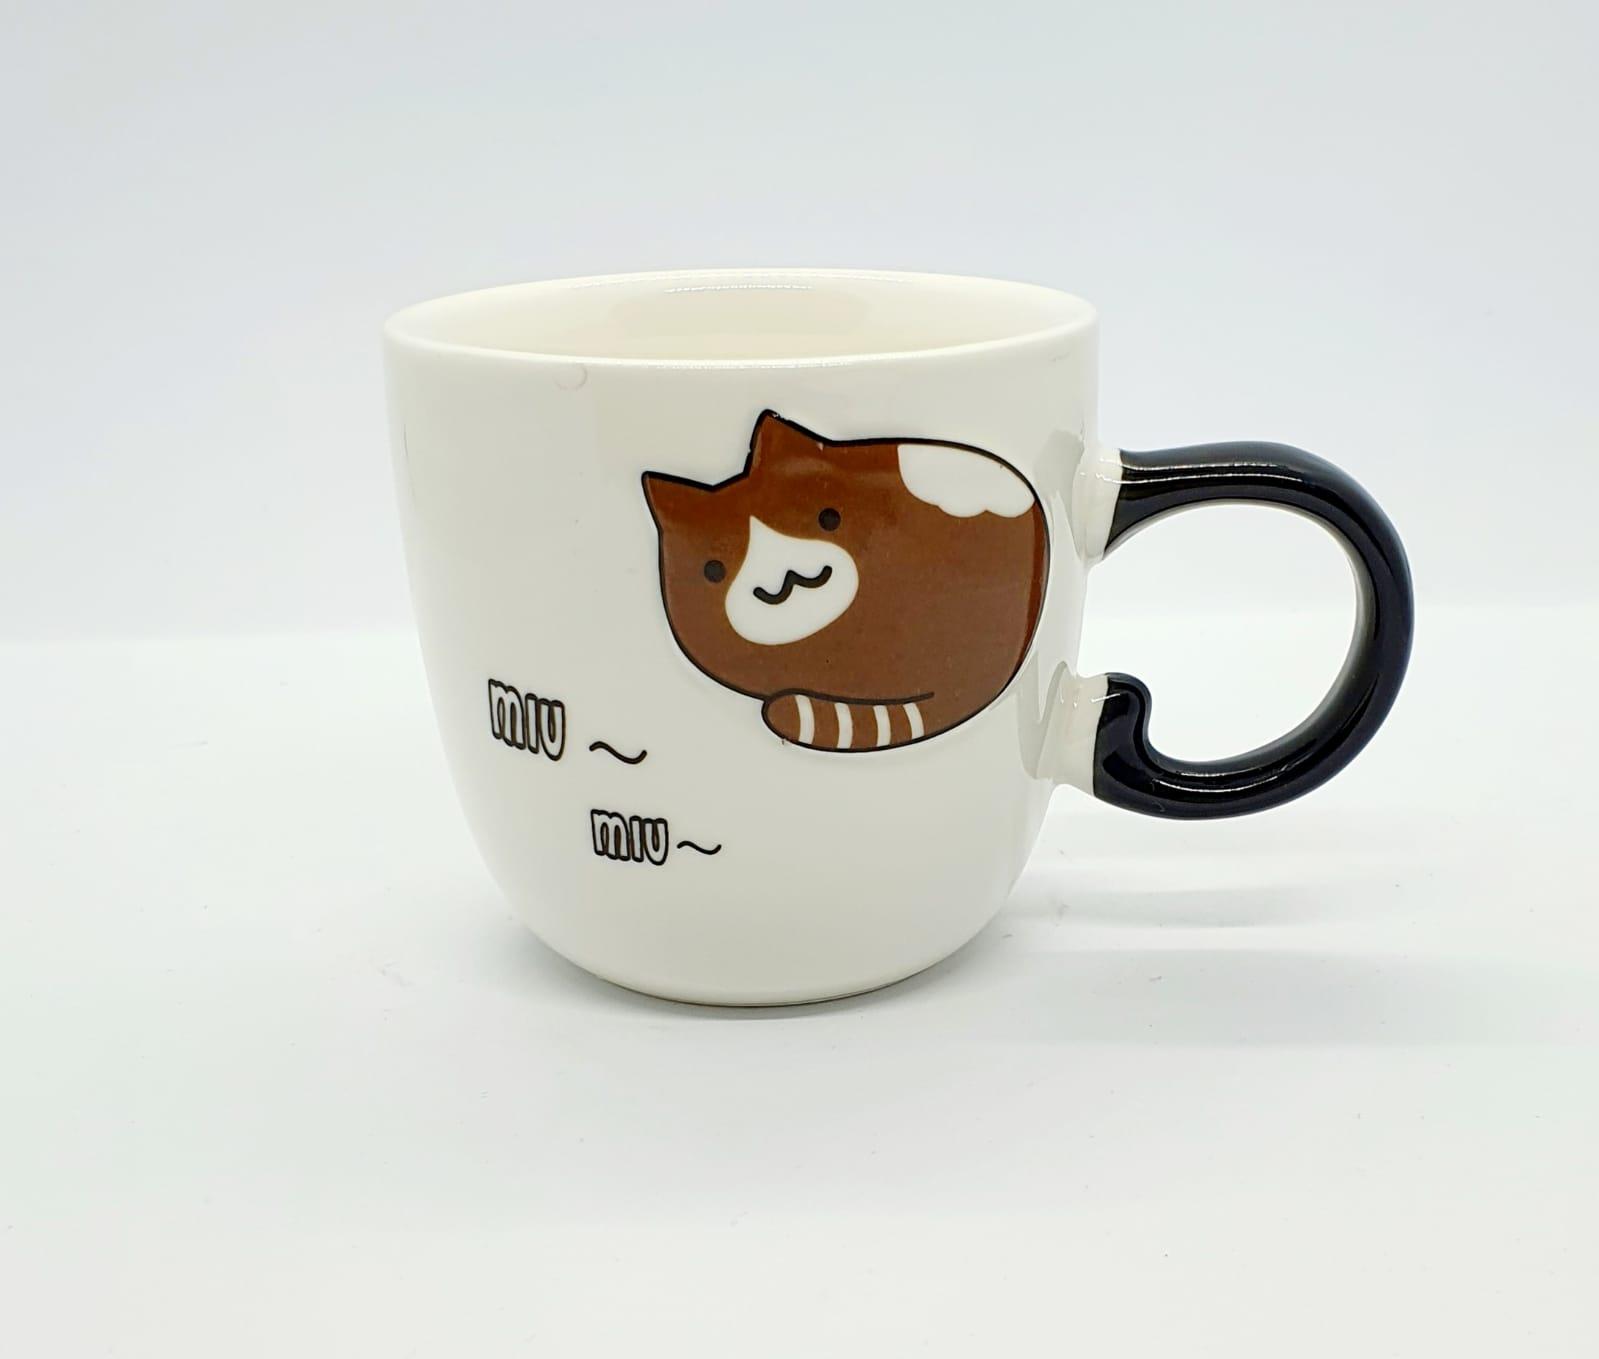 Caneca/Vaso gatinho Miu Miu em cerâmica - 200ml